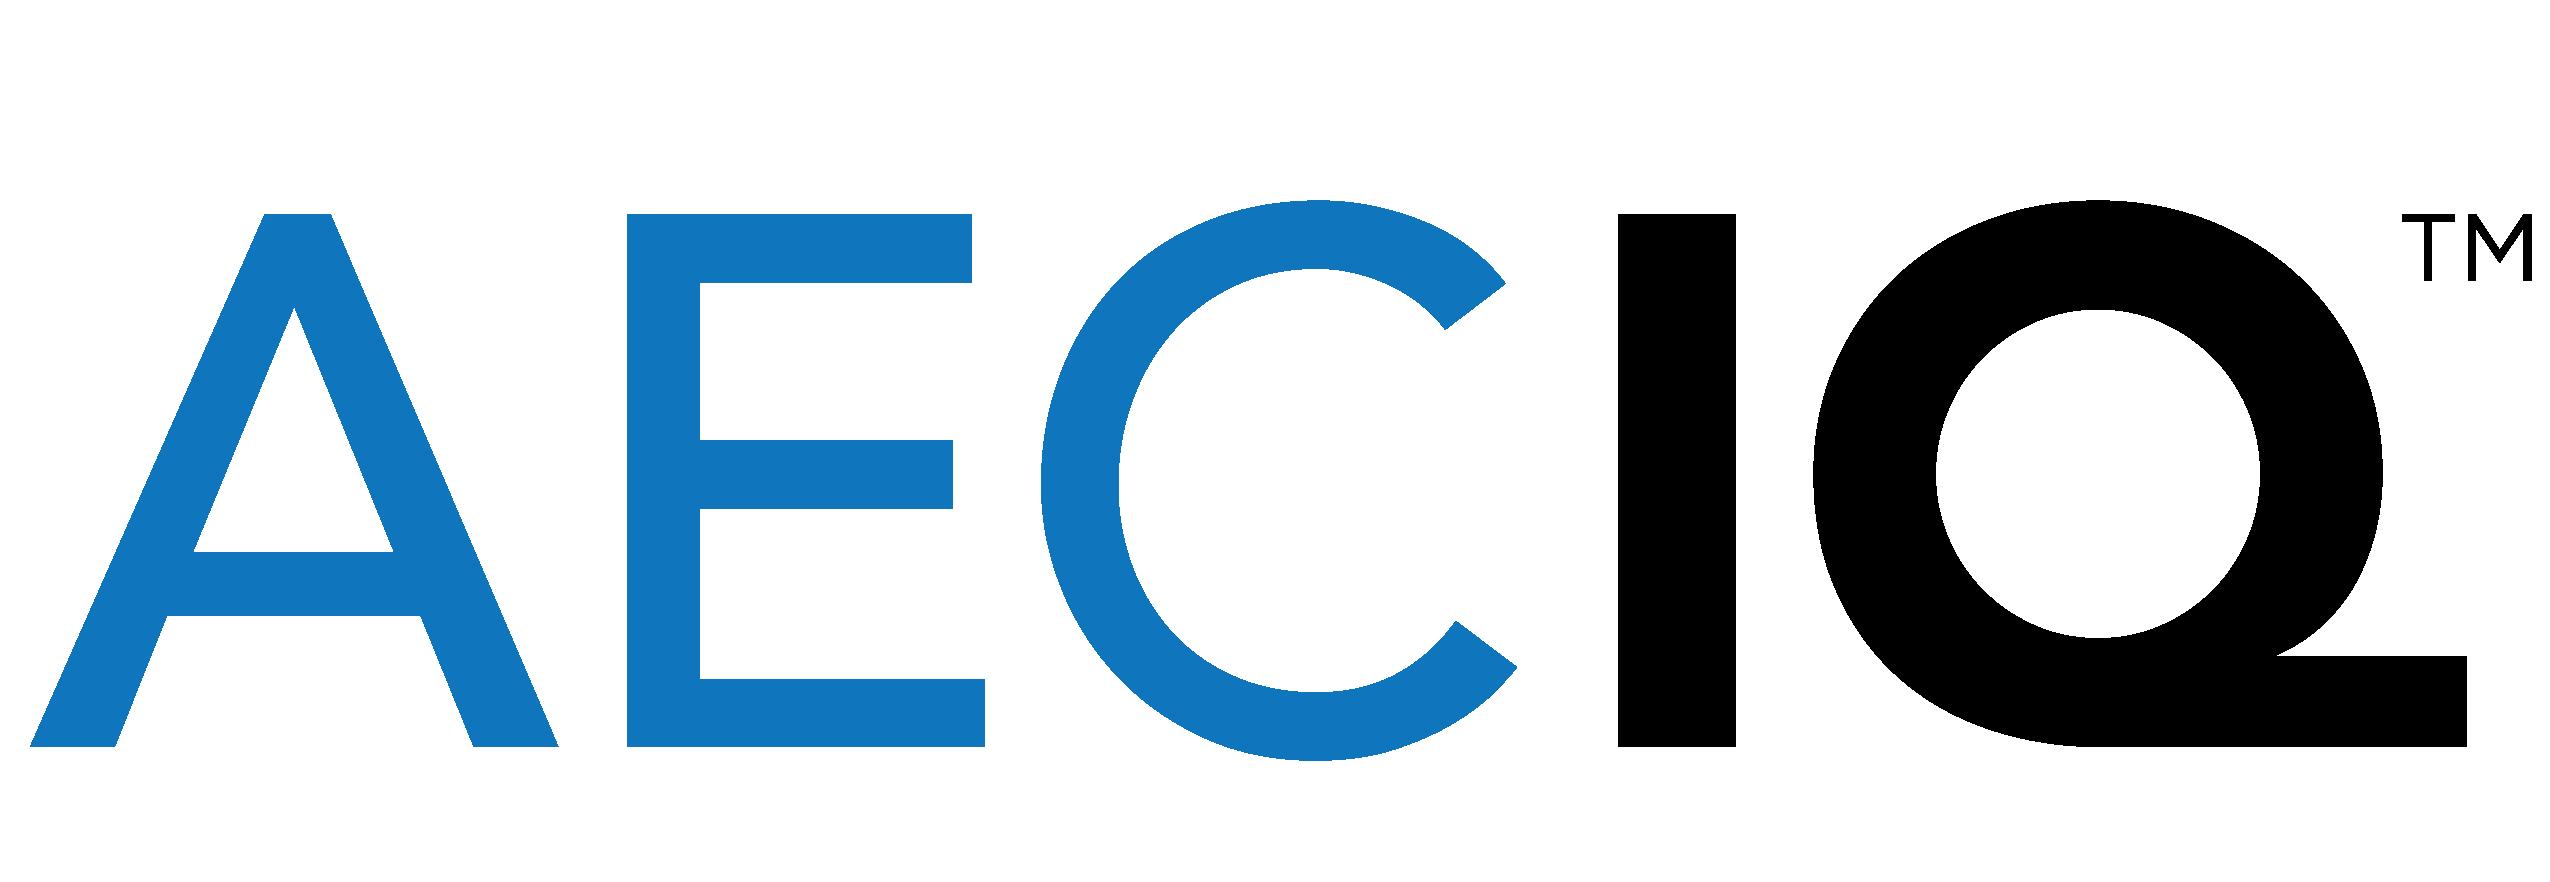 AECIQ Logo